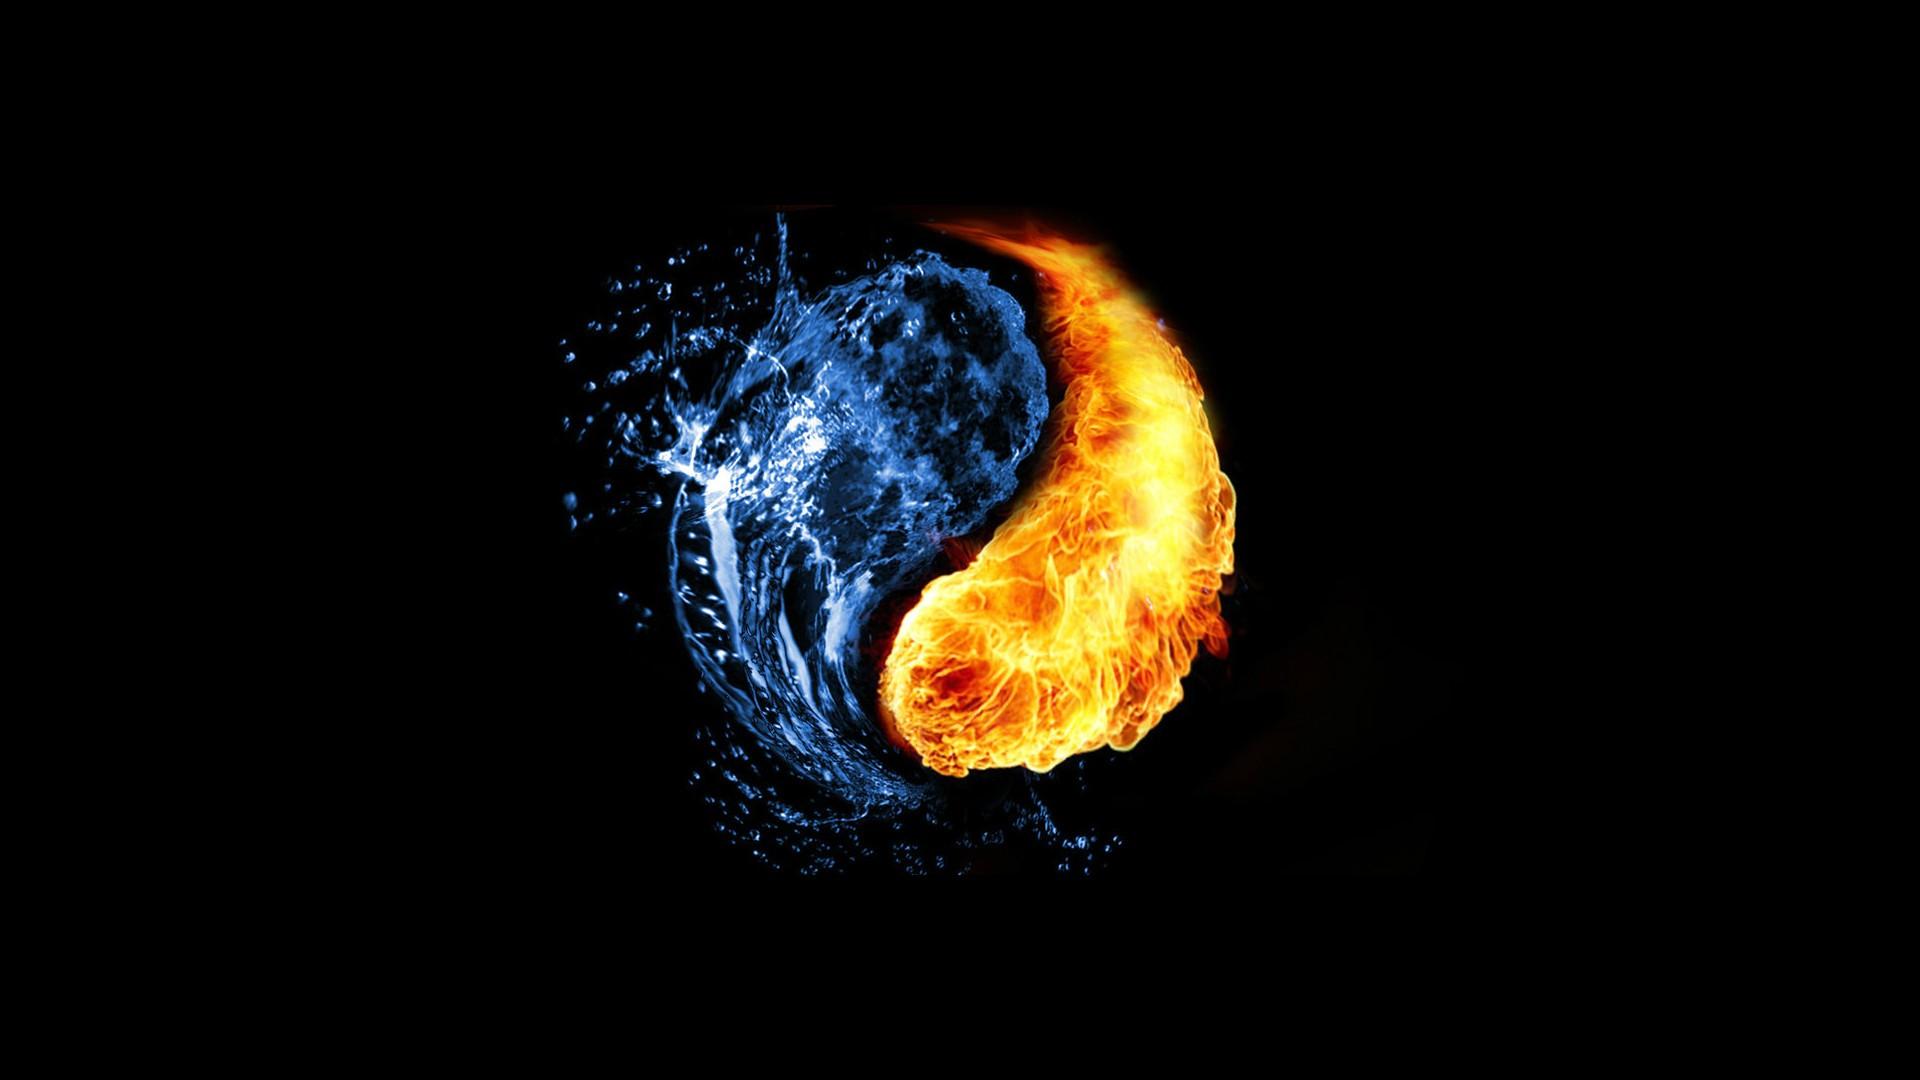 Hình nền nước và lửa